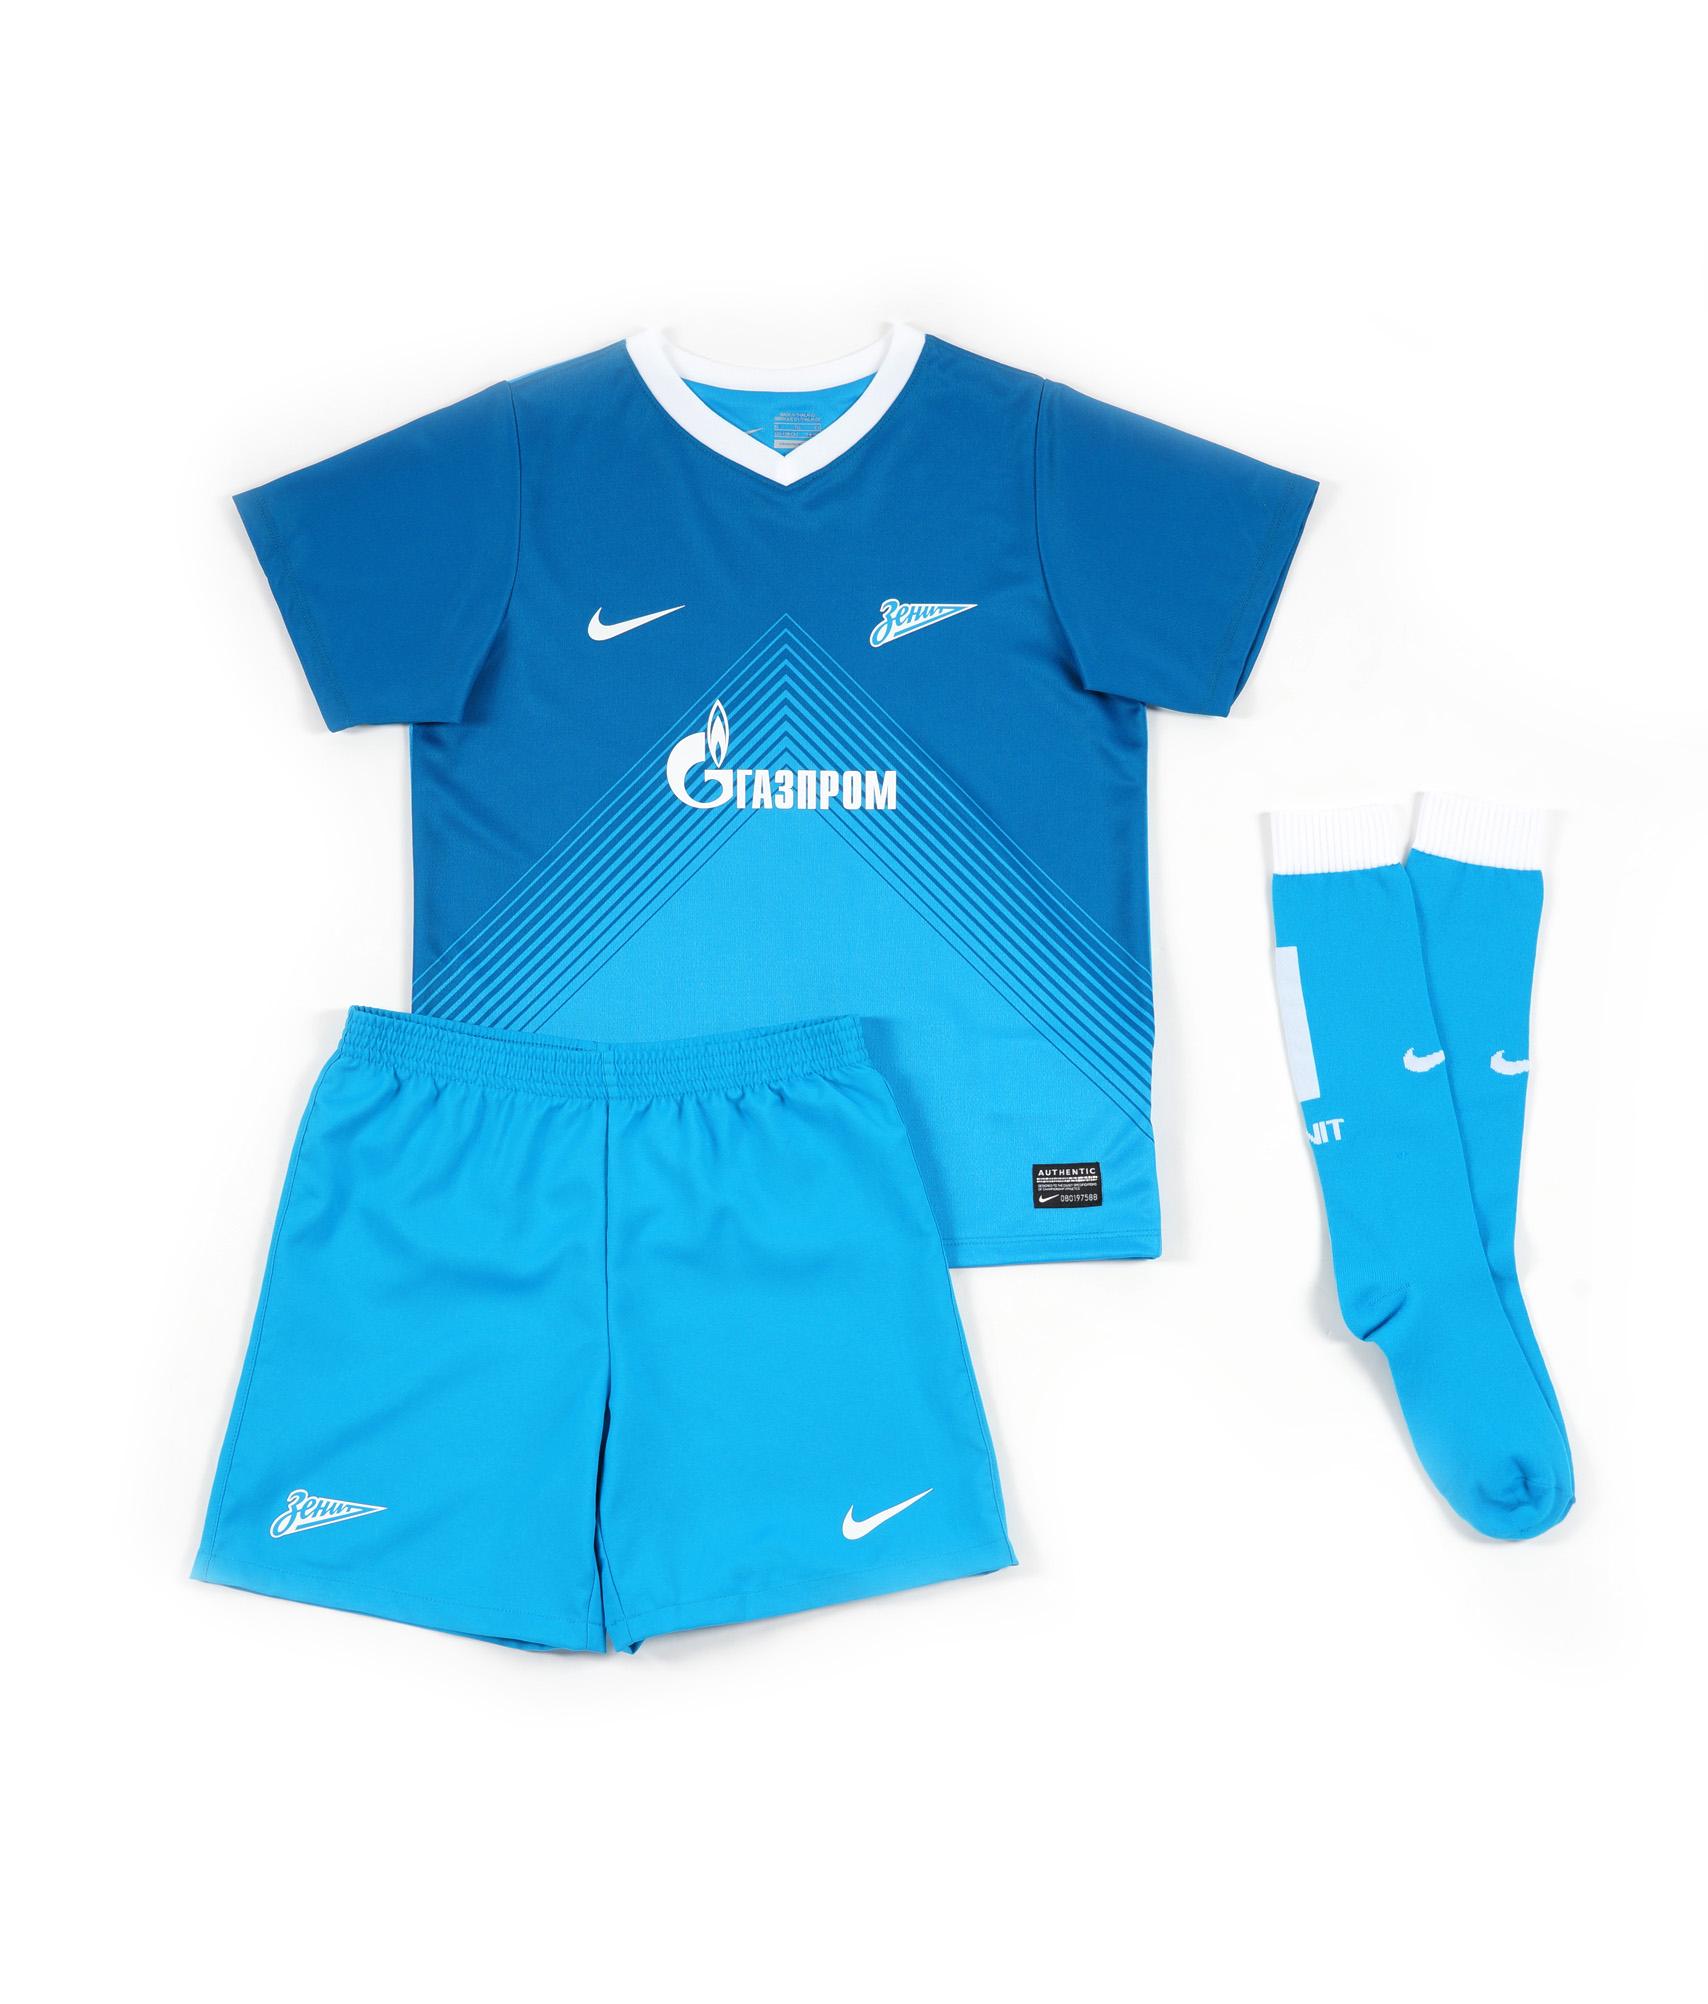 Комплект формы детский, Цвет-Синий, Размер-M